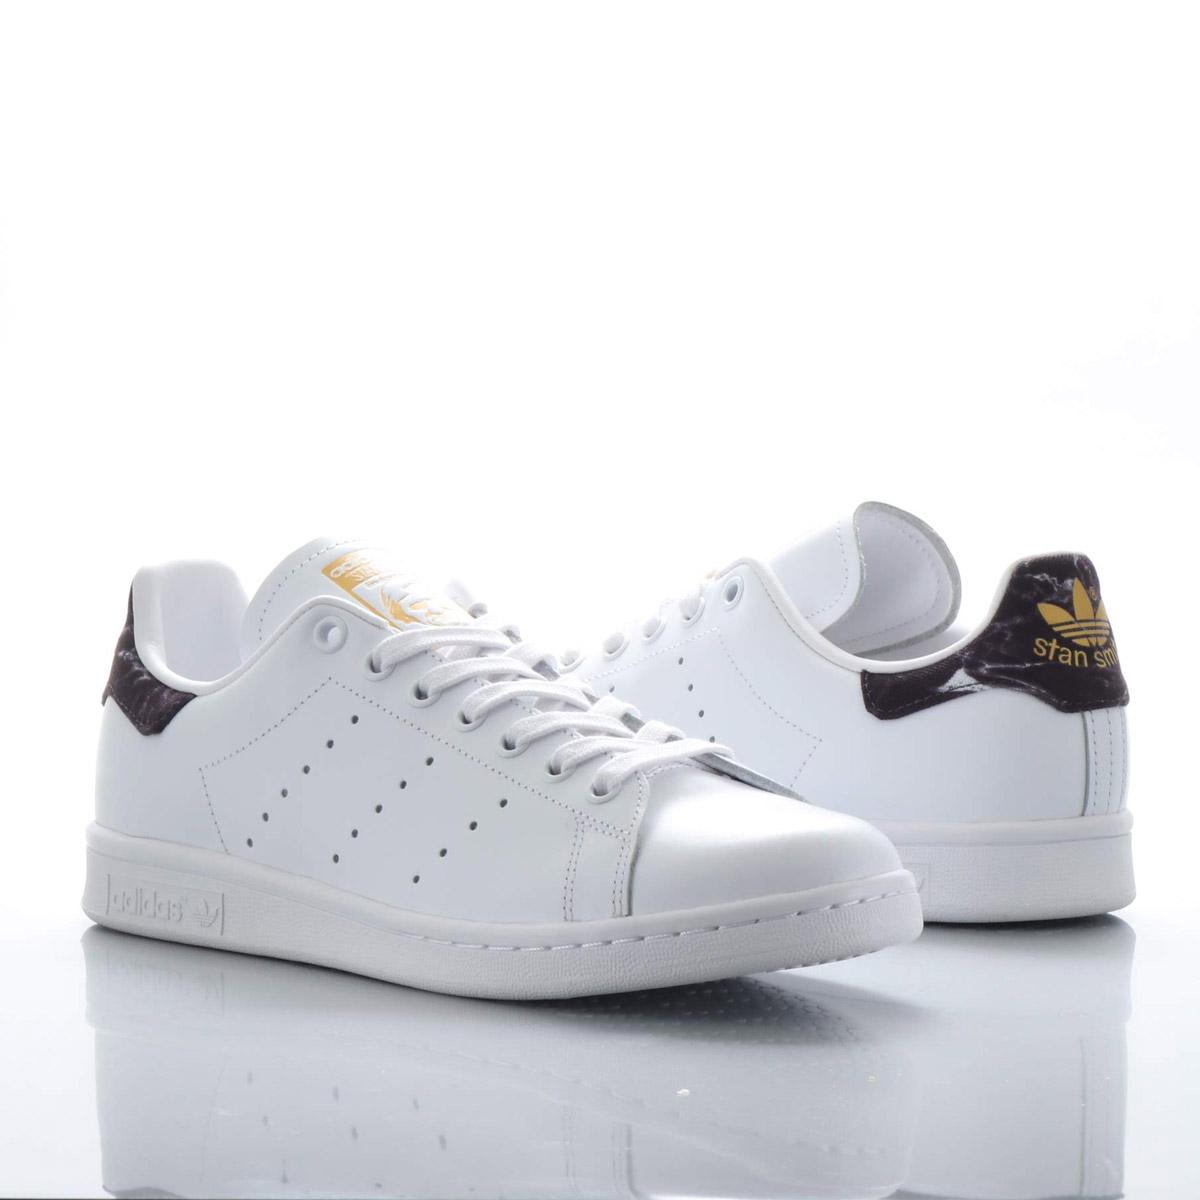 adidas Stan Smith(アディダス スタンスミス)ランニングホワイト/コアブラック/ゴールドメット【メンズ レディース スニーカー】18FW-I